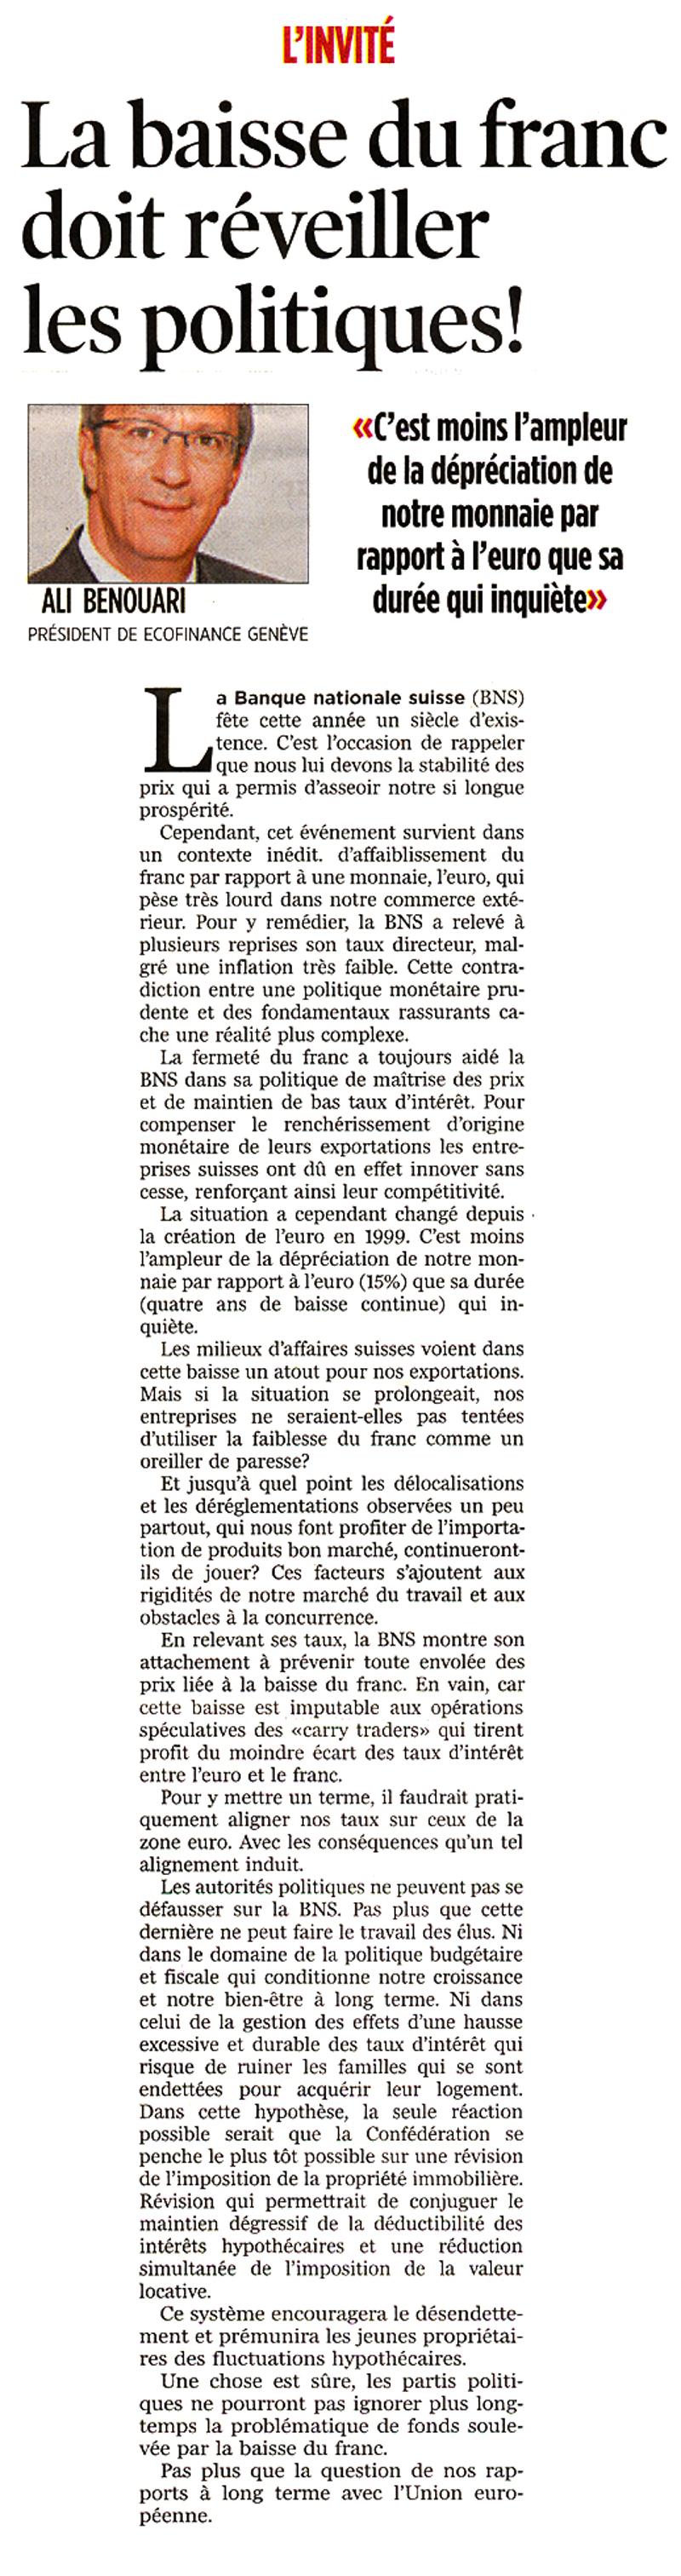 Ali-Benouari-La-baisse-du-franc-suisse-doit-reveiller-les-politiques